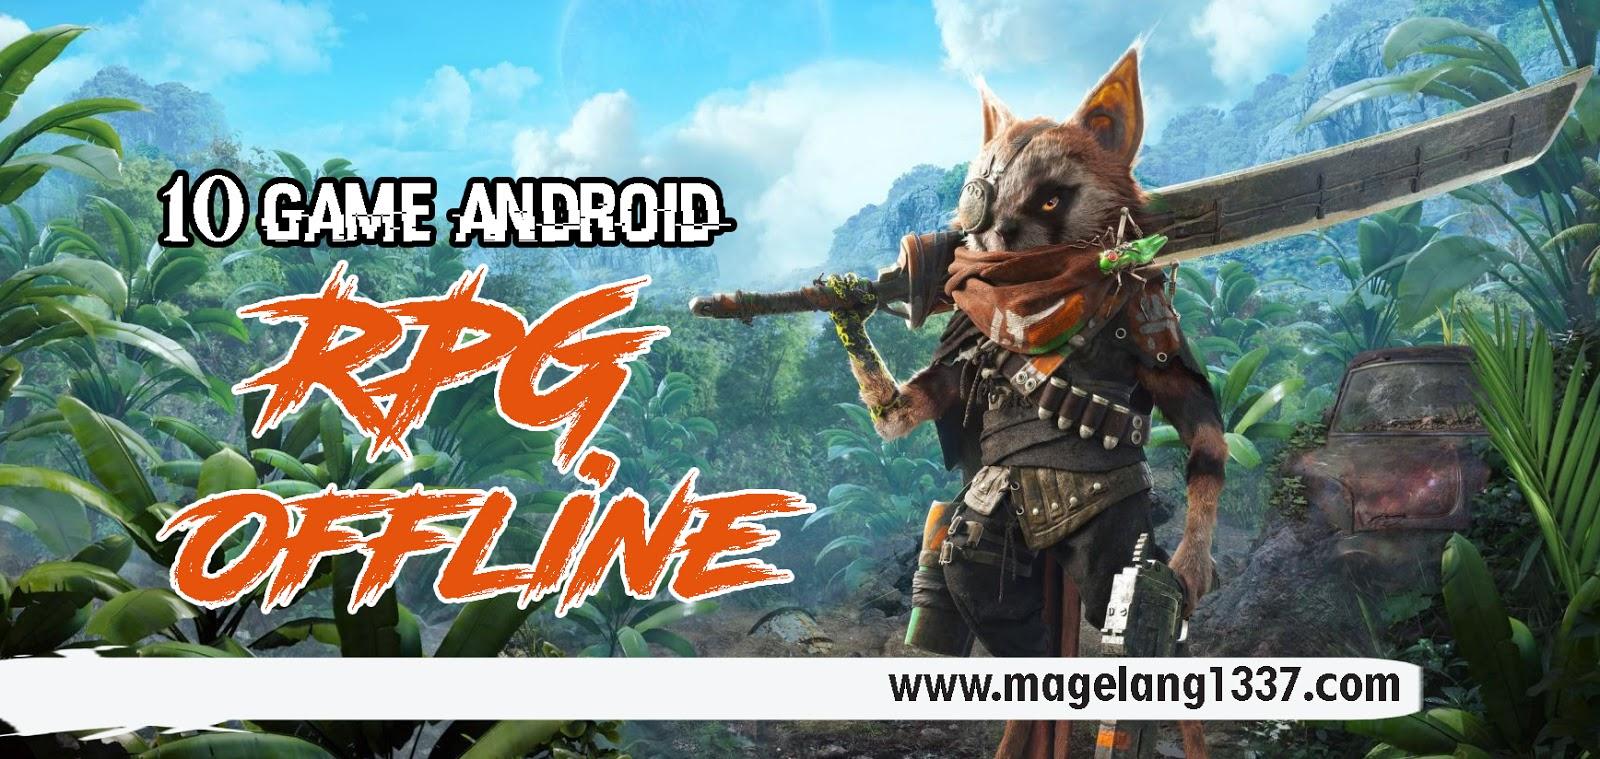 10-game-android-rpg-offline-versi-mnhblog